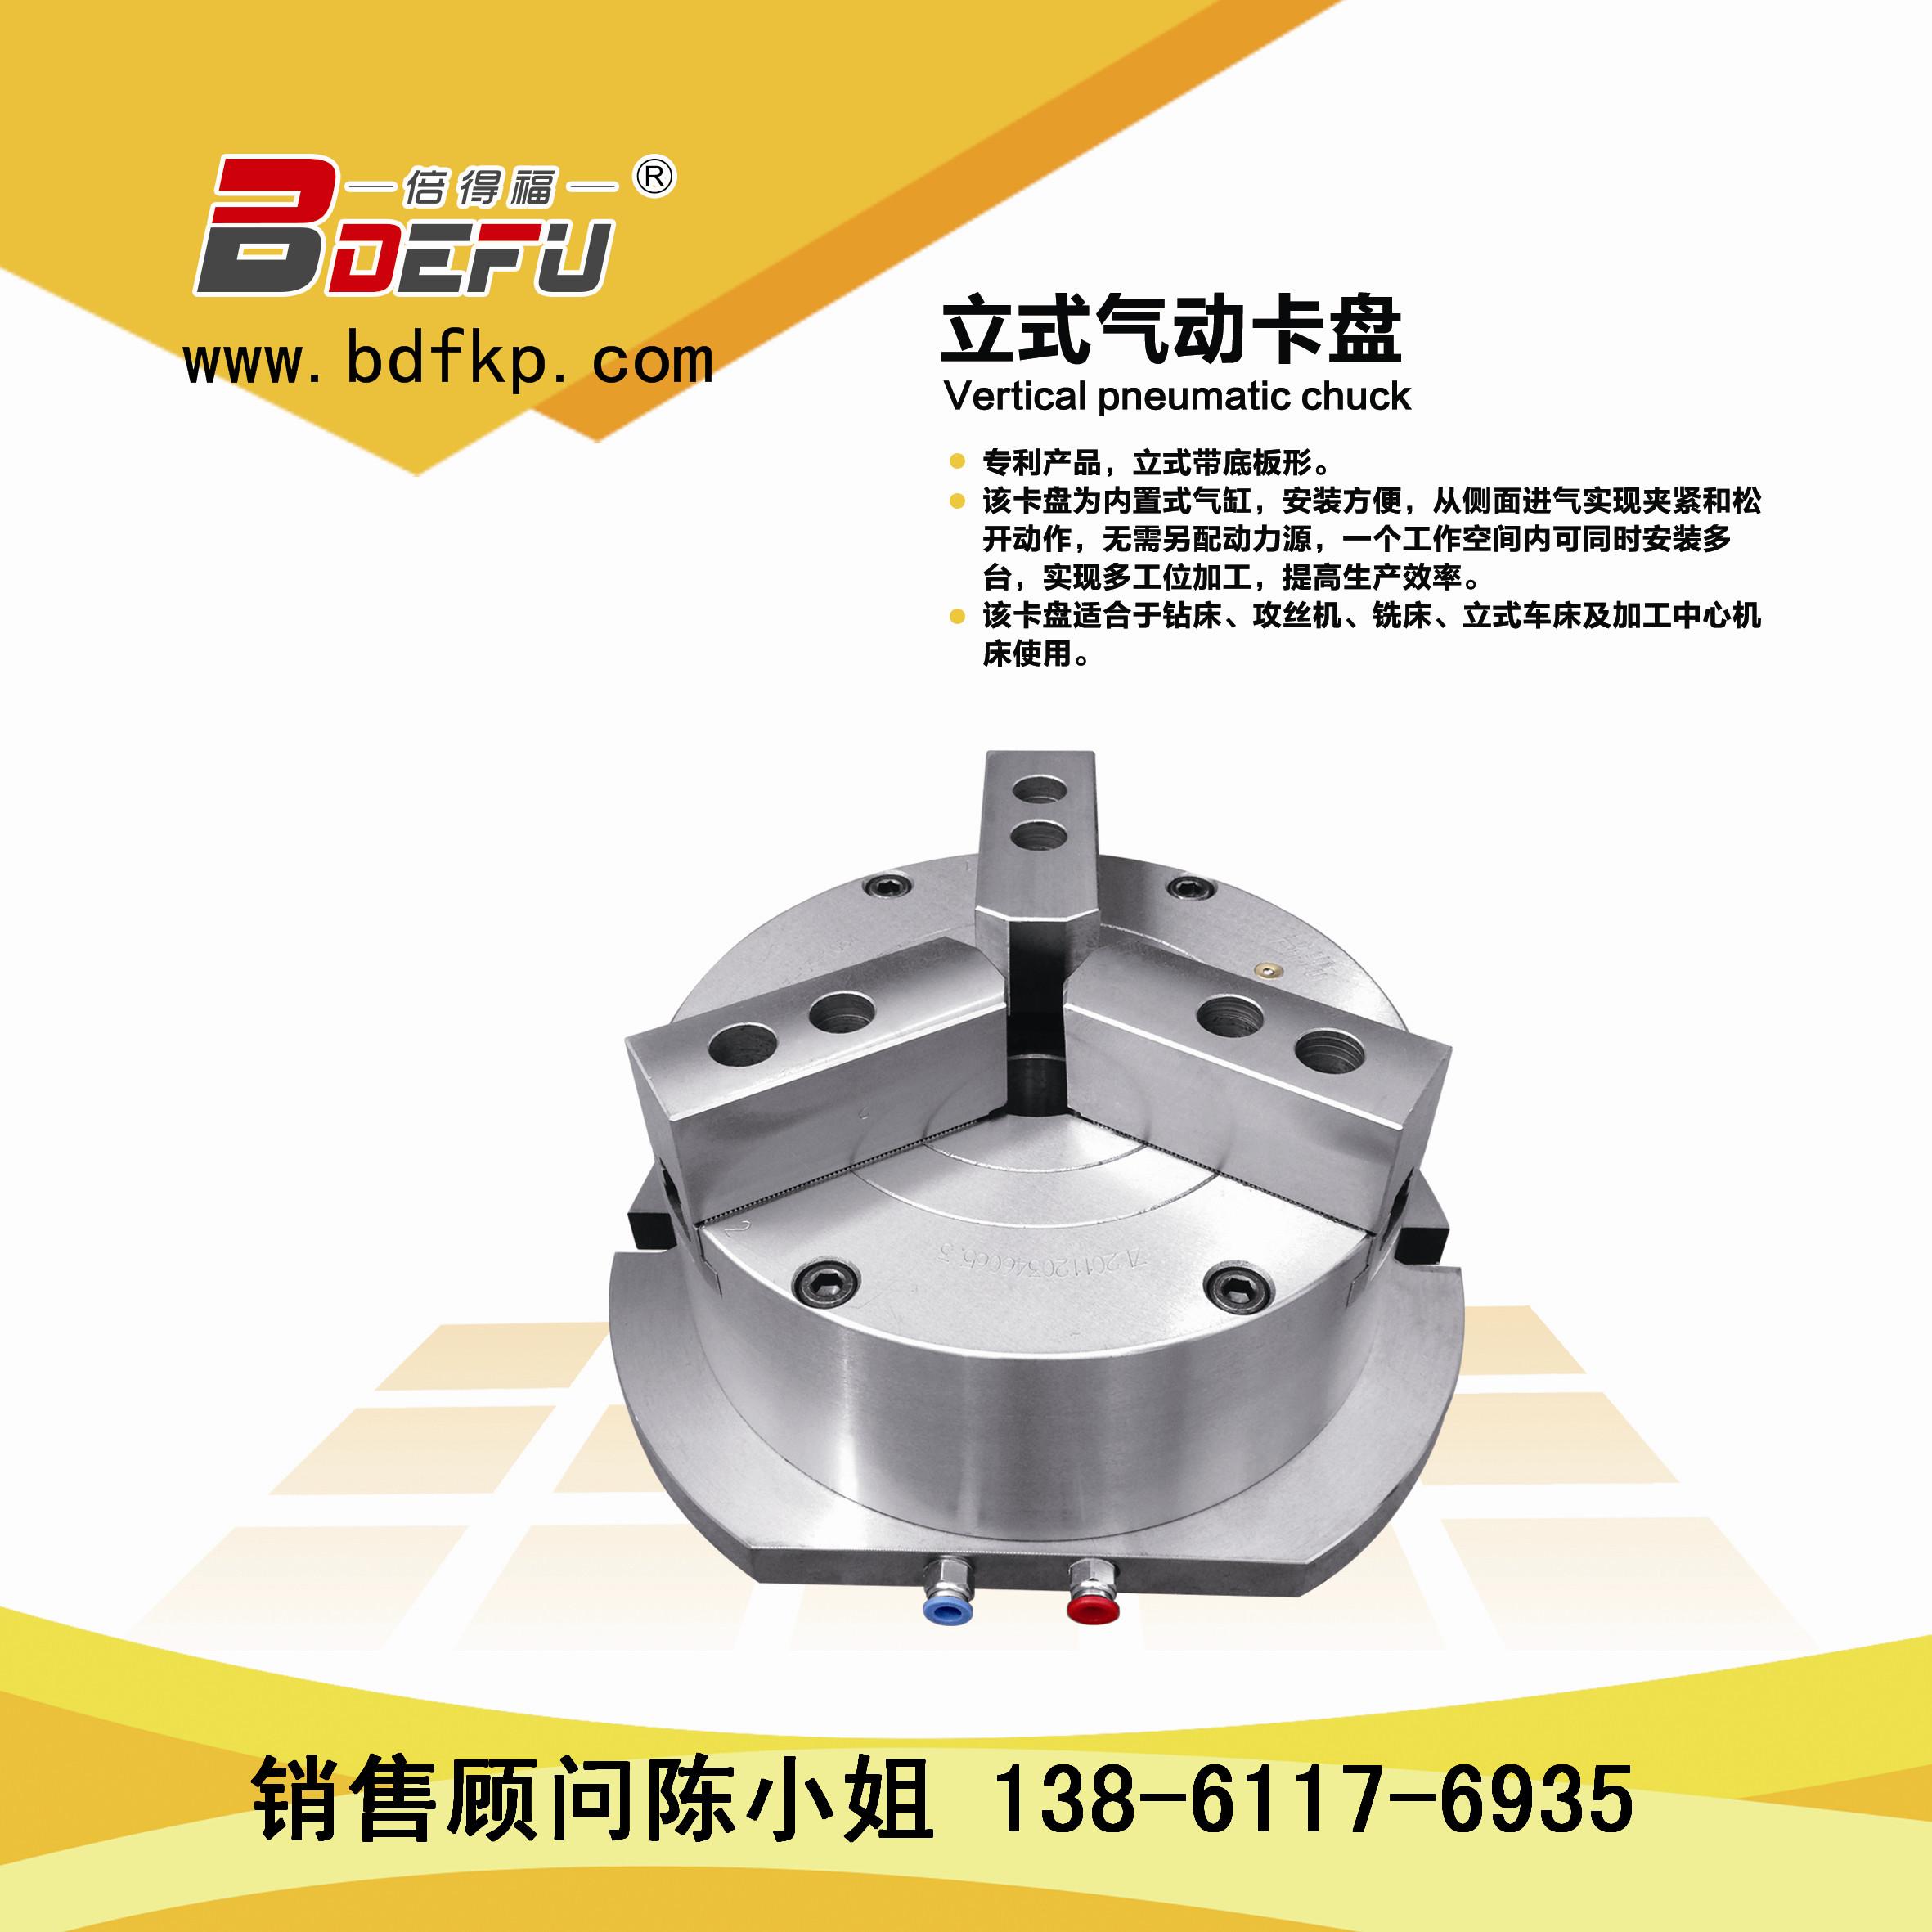 常州倍得福立式中空气动三爪卡盘KL160TQ-3带底板可多工位使用